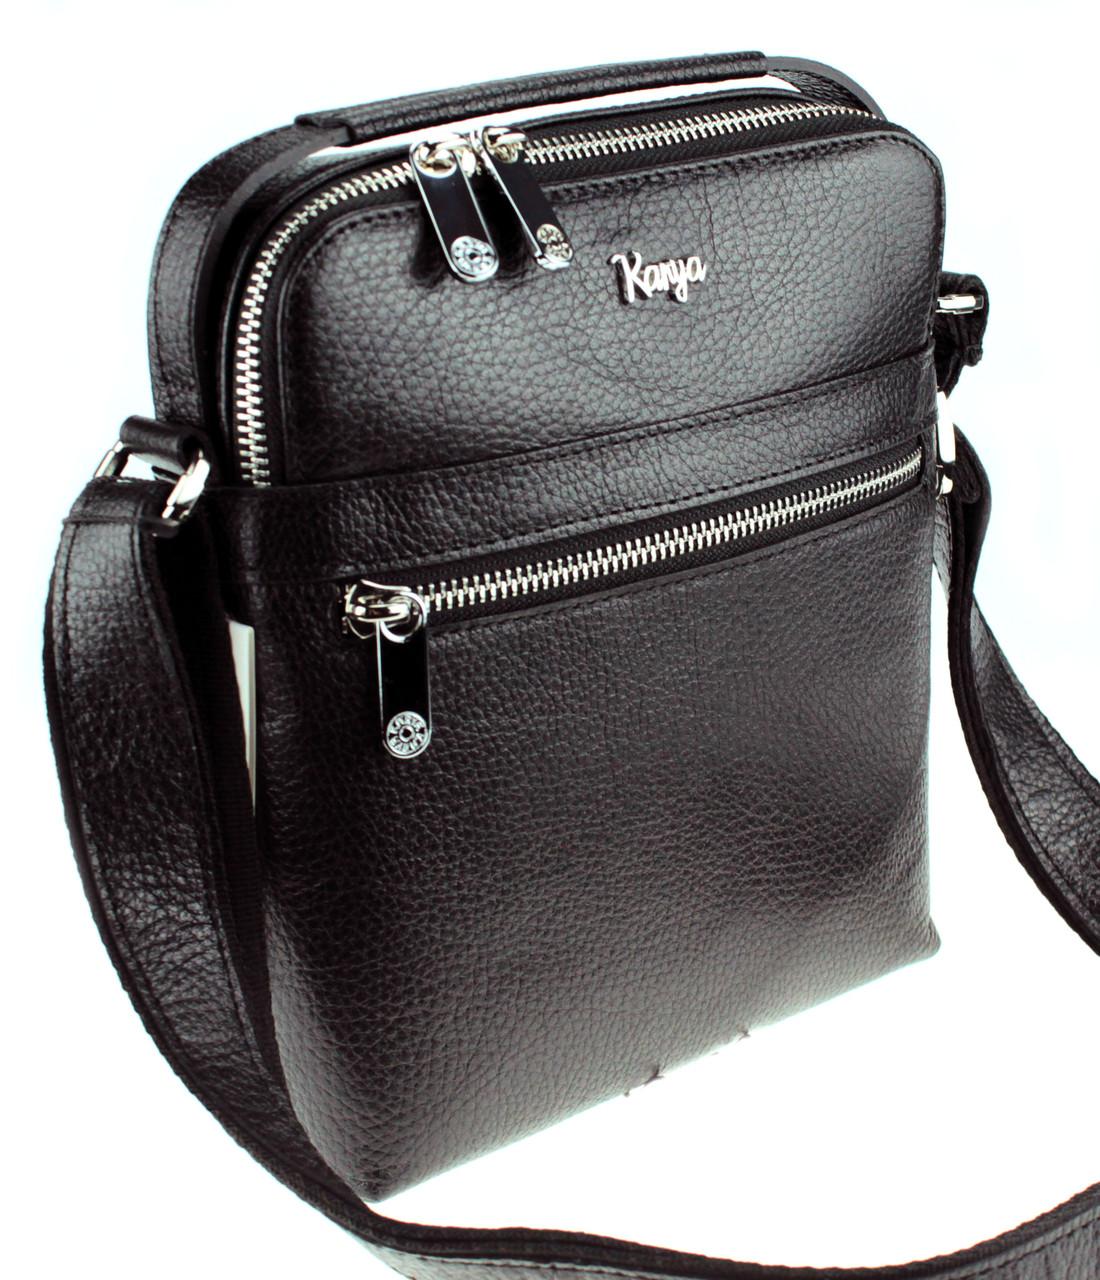 Мужская сумка Karya 0823-45 кожаная черная